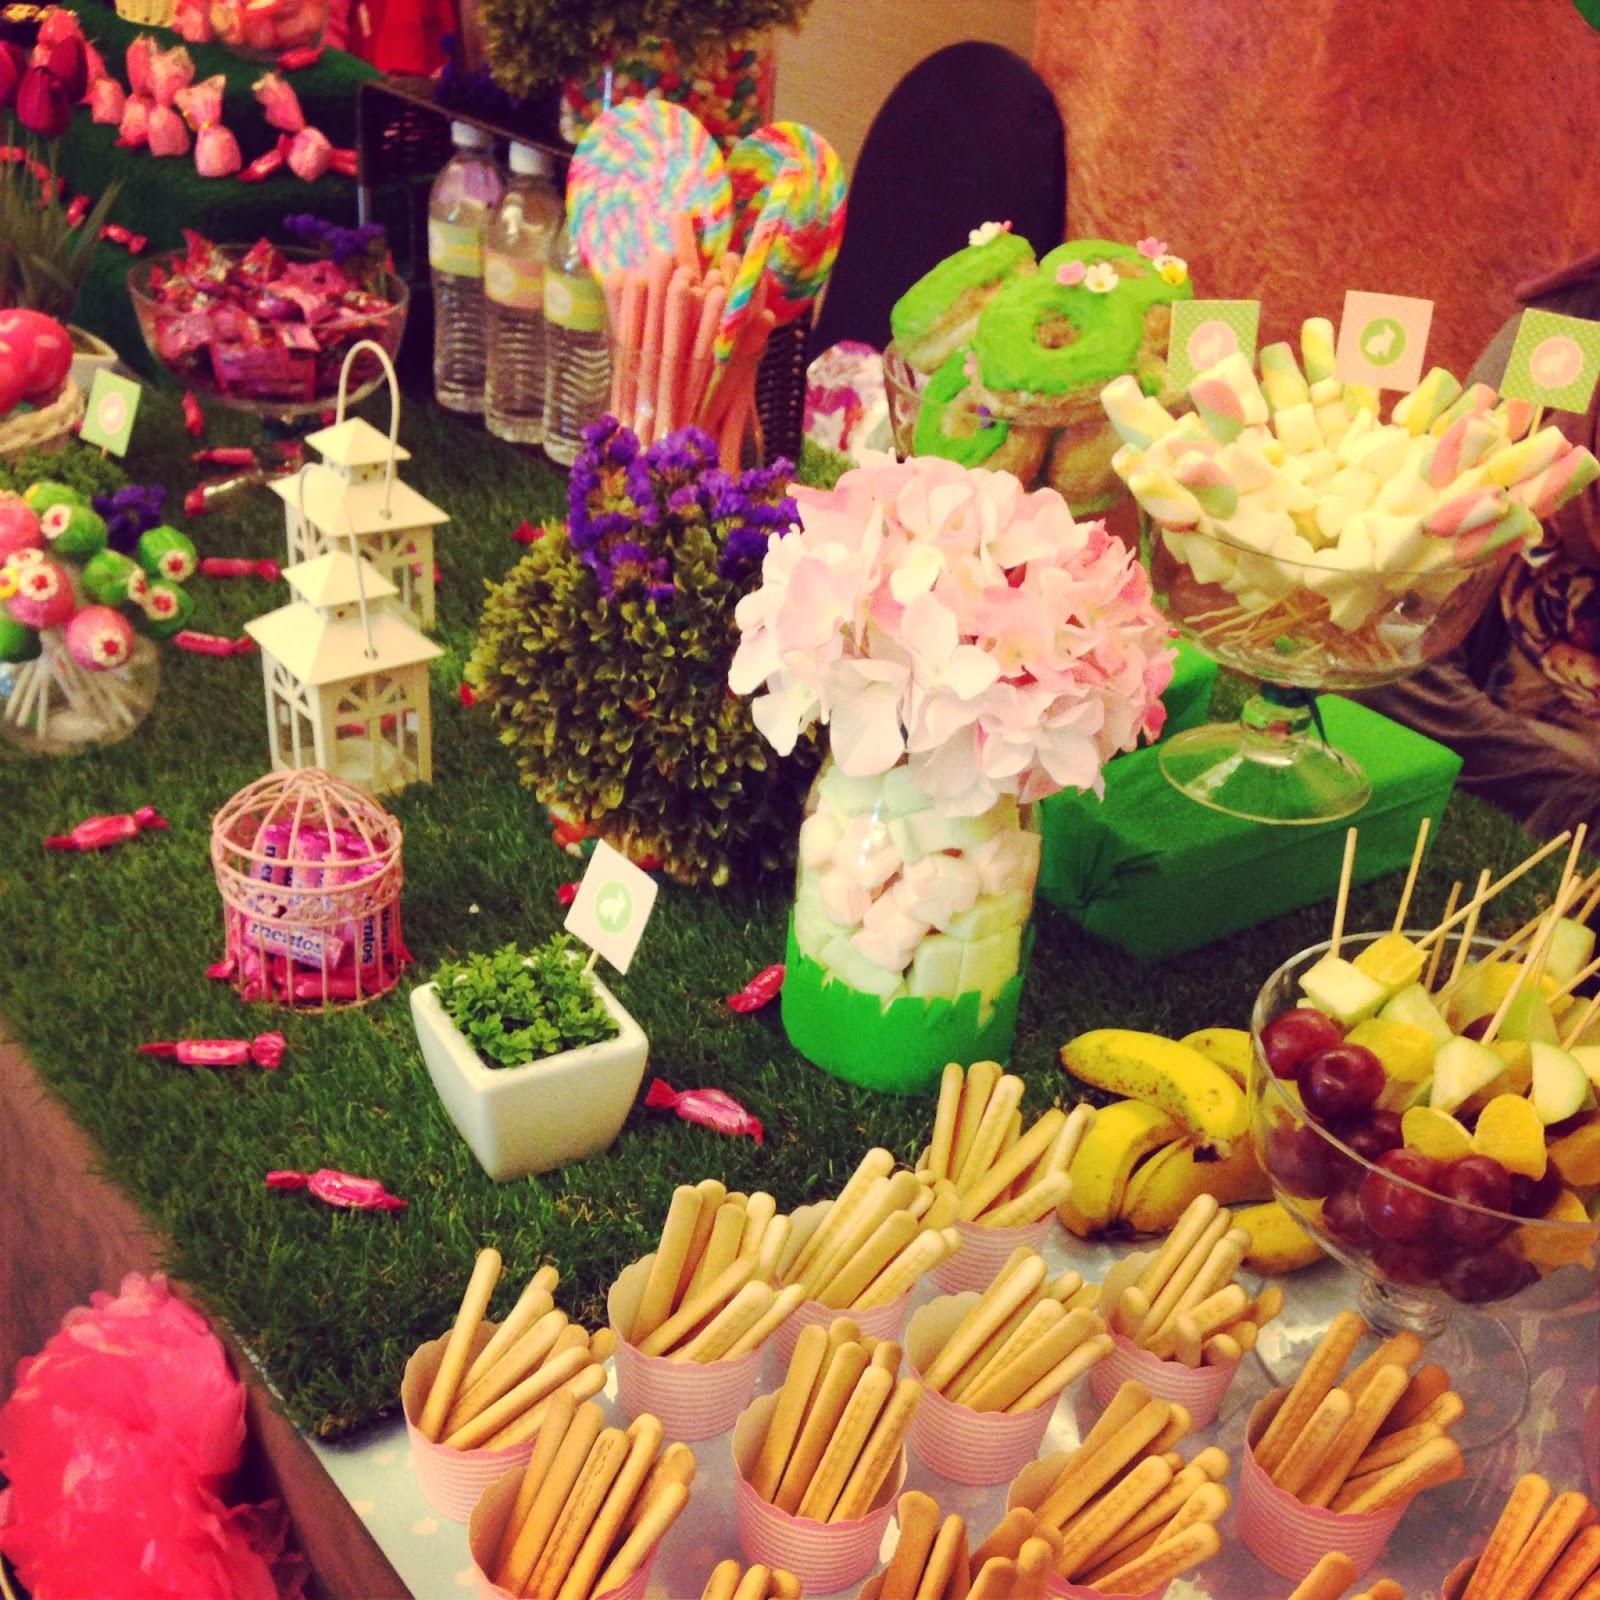 Candy Buffet Kota Kinabalu Sabah May 2014